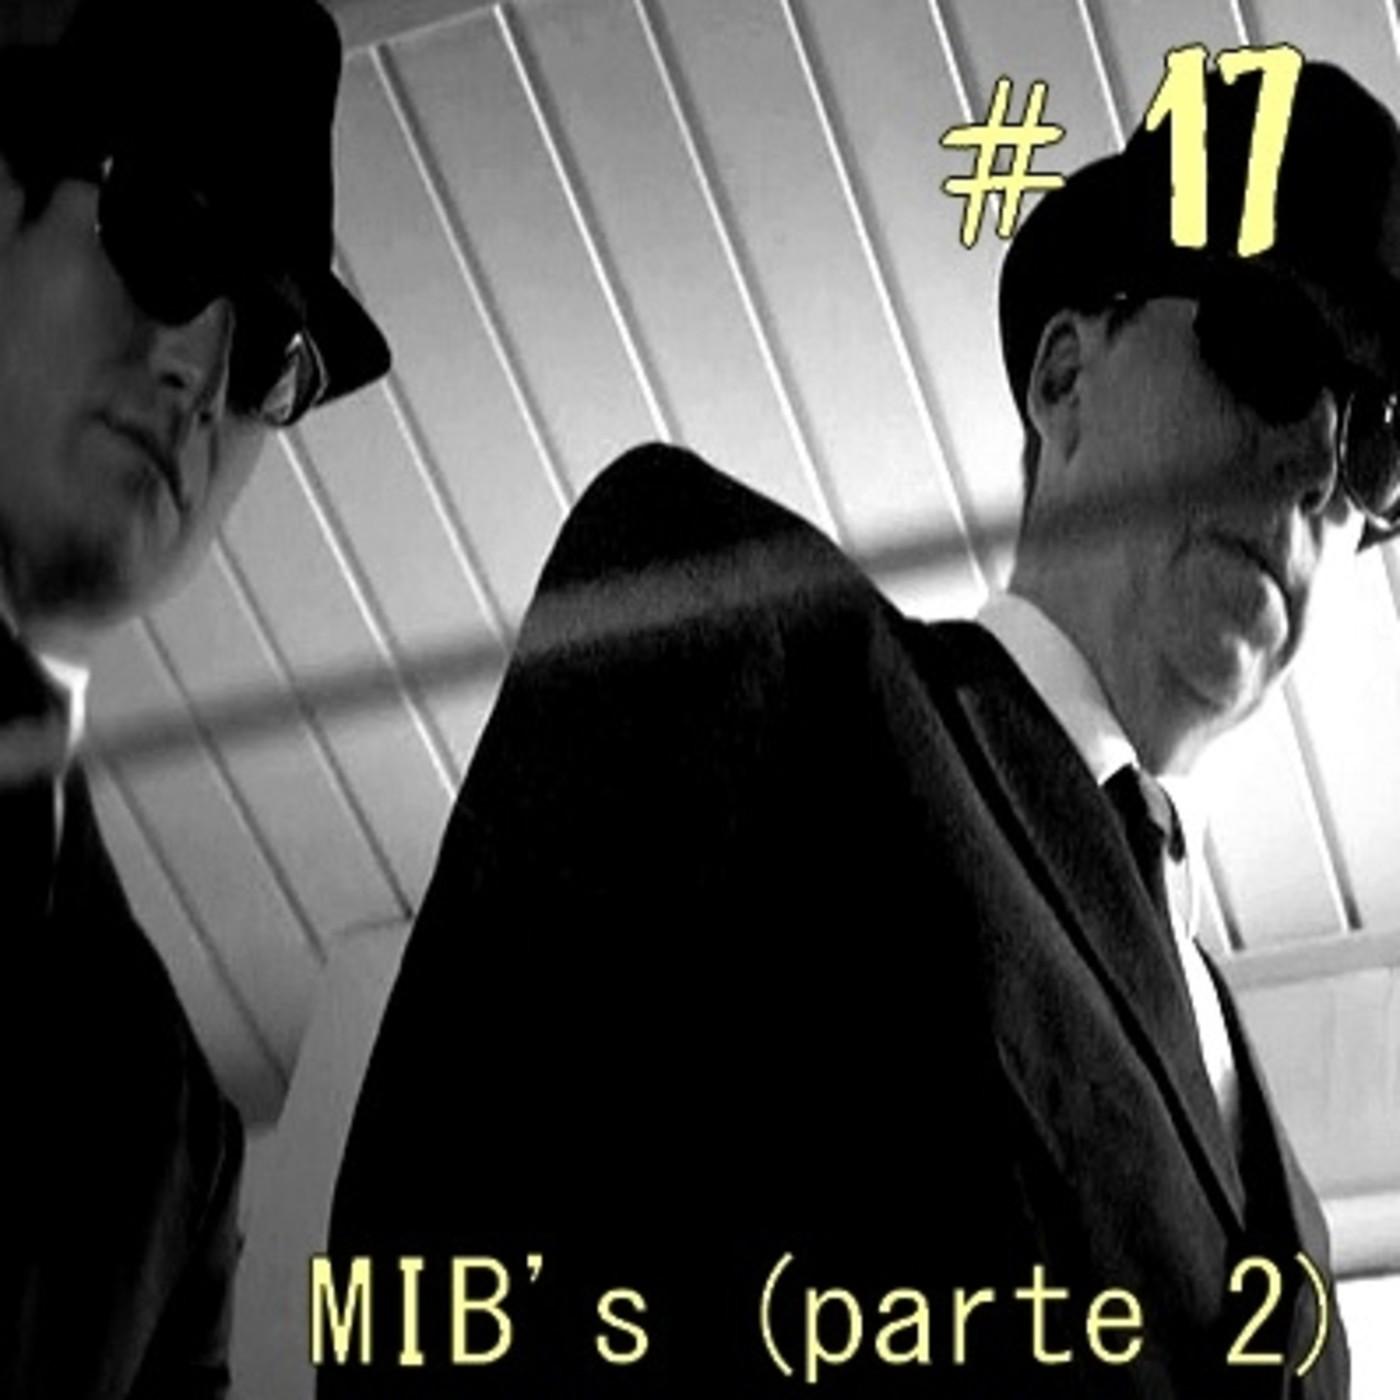 17- Os MIB's (parte 2)